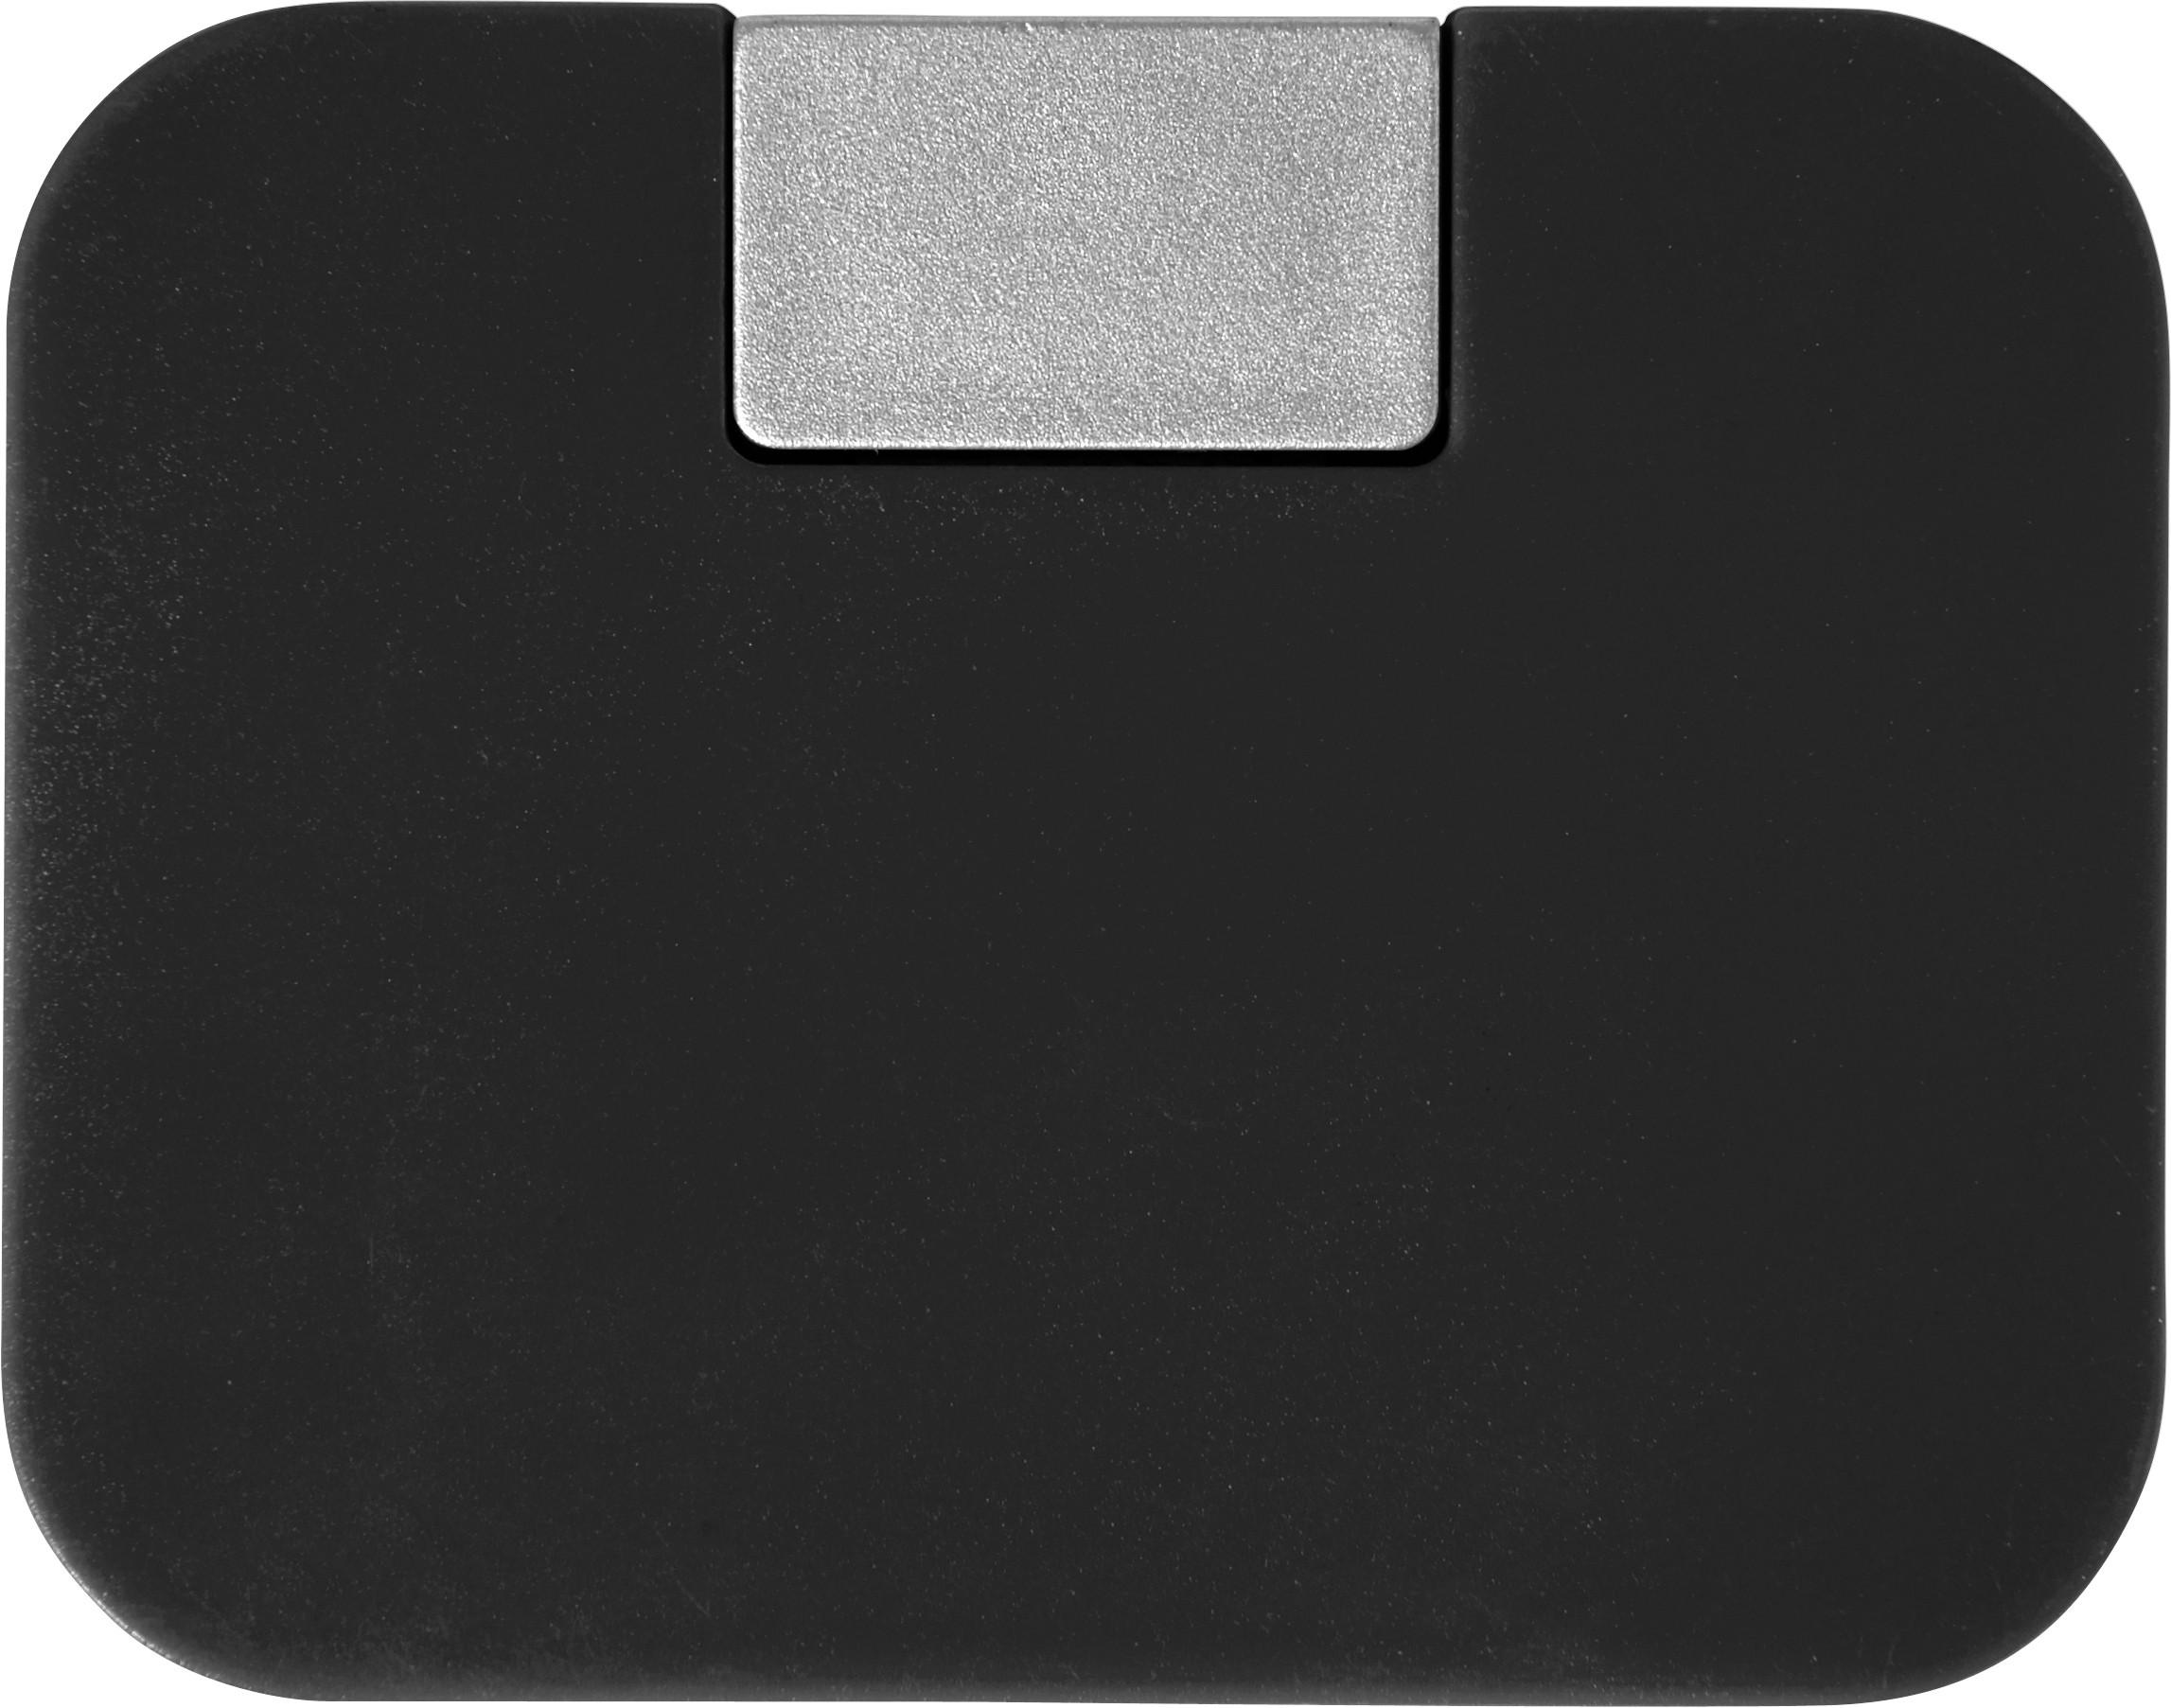 USB-Hub 'Box' aus ABS-Kunststoff